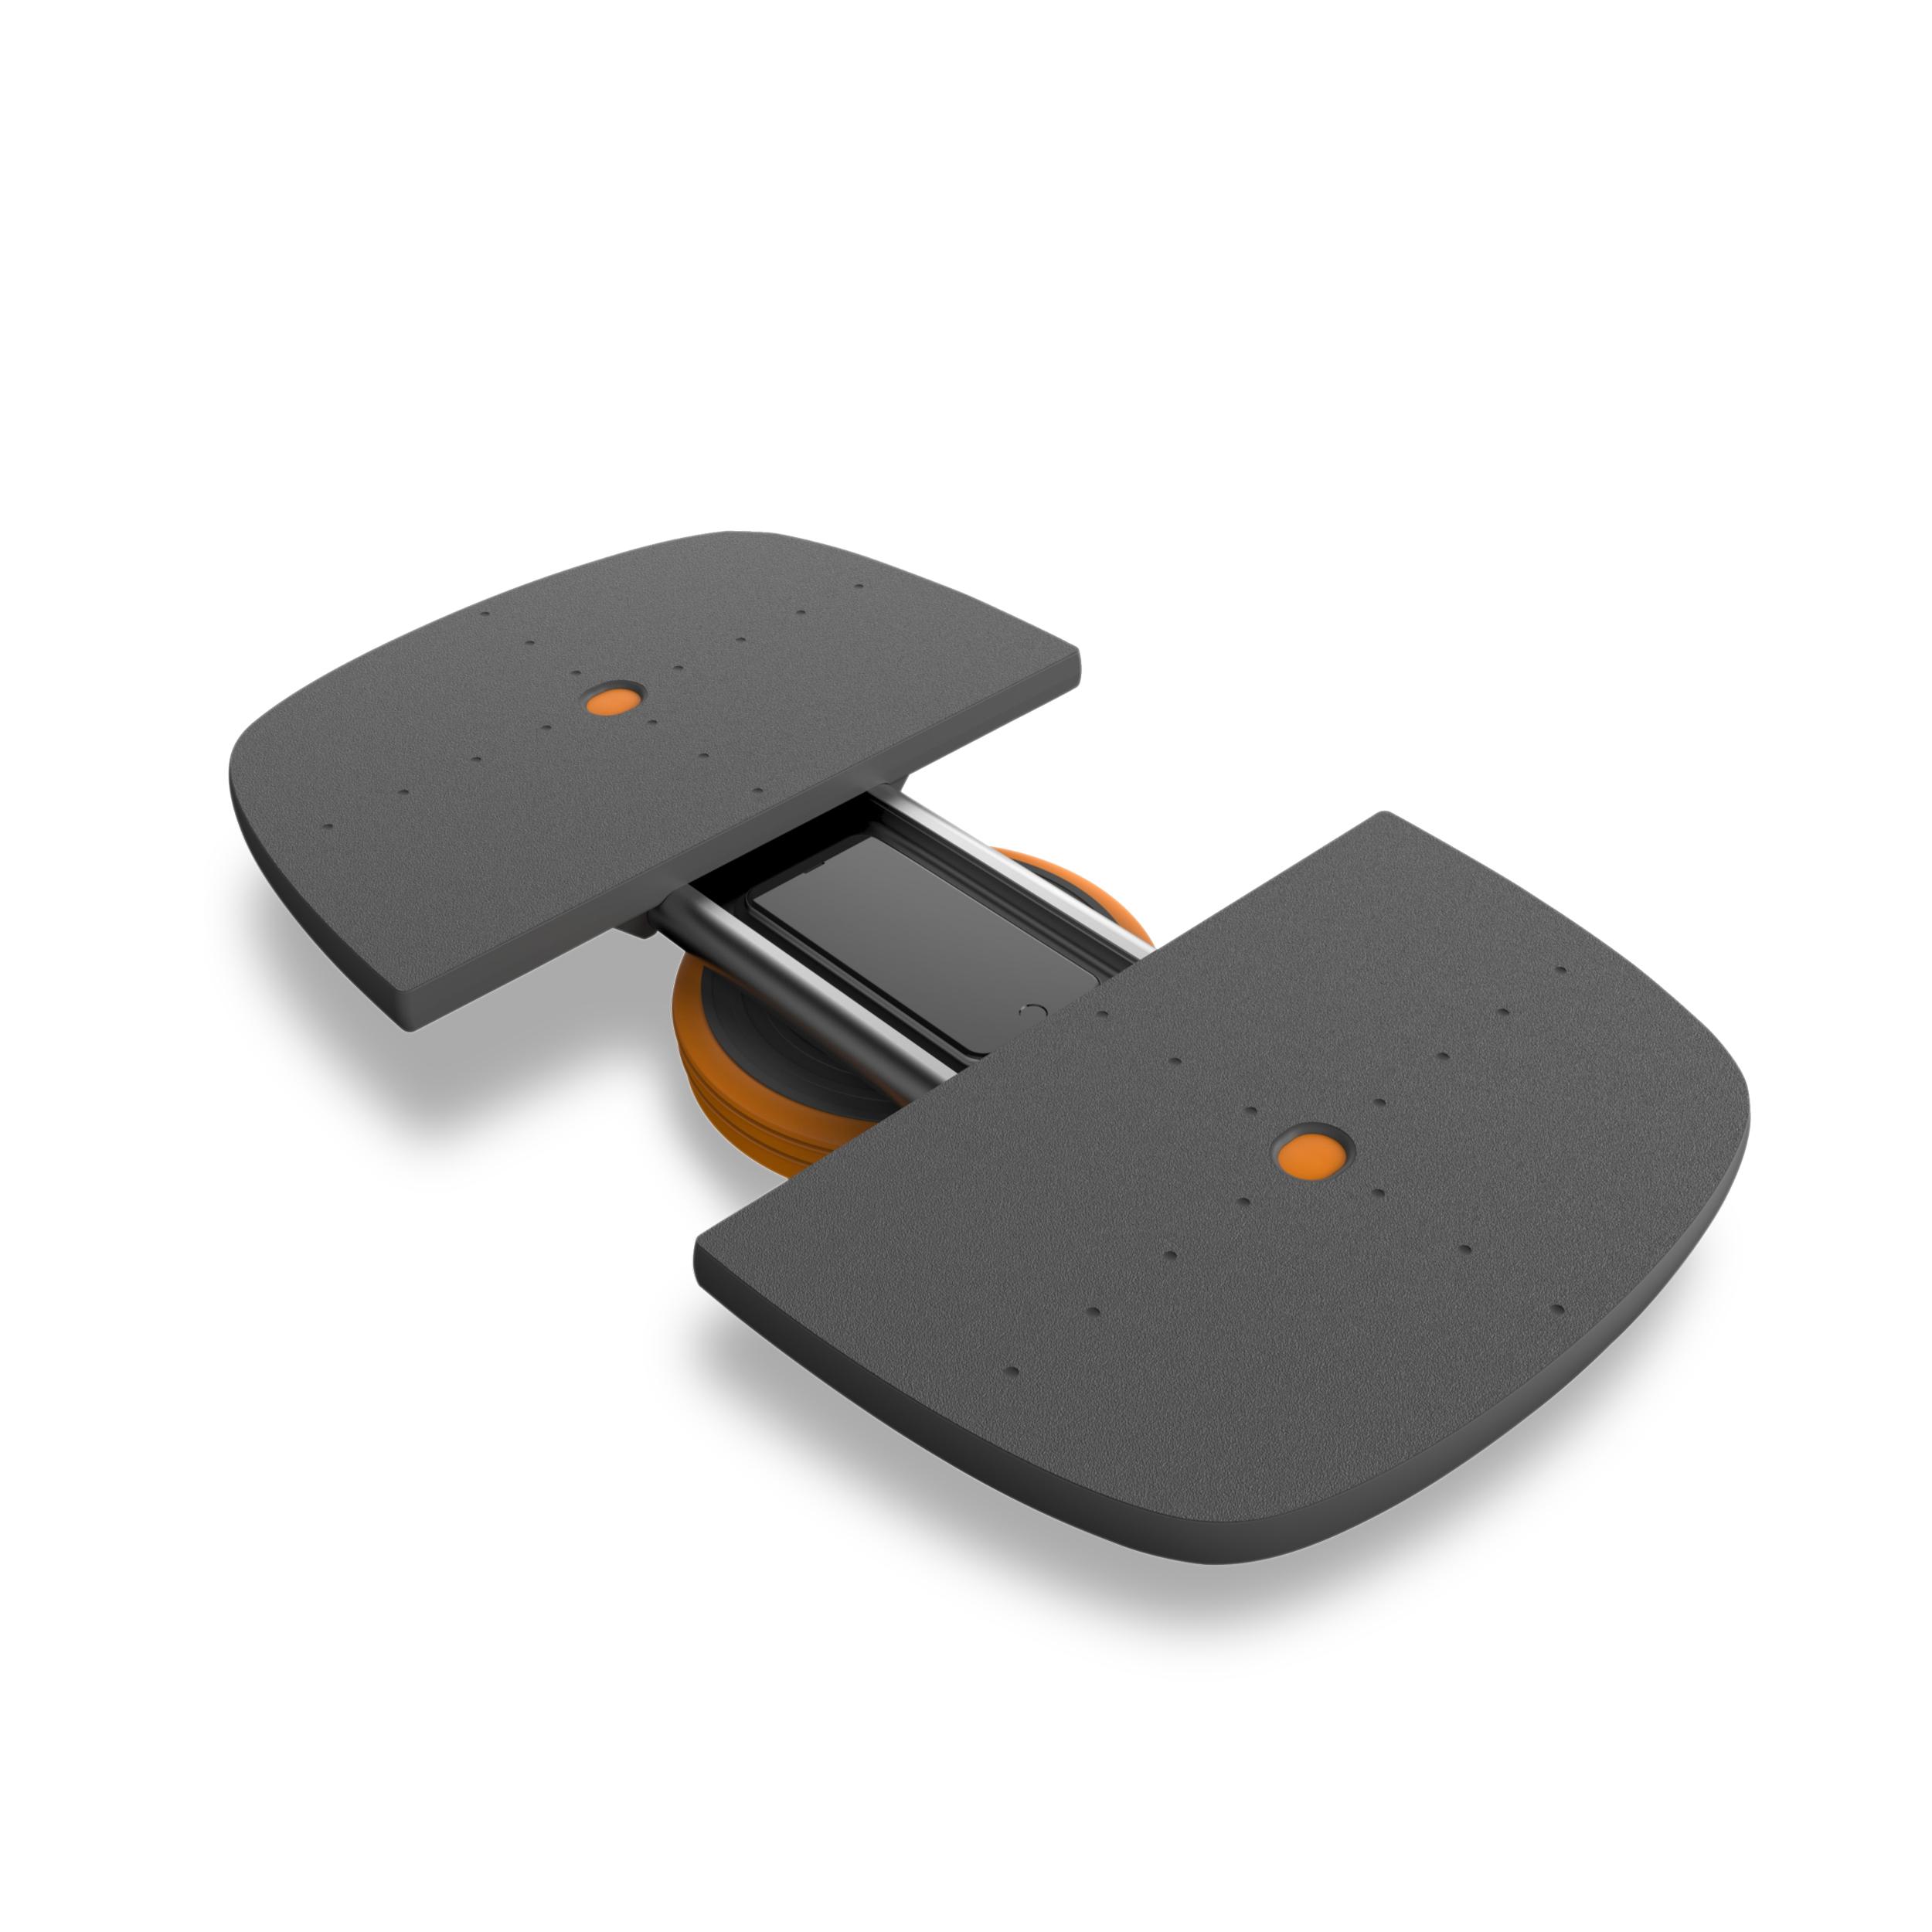 Planche équilibrante M-Pad  - Entraînement complet (équilibre, force, agilité) - Peut soutenir jusqu'à 300 lbs - Application M-Trac pour suivre sur votre téléviseur